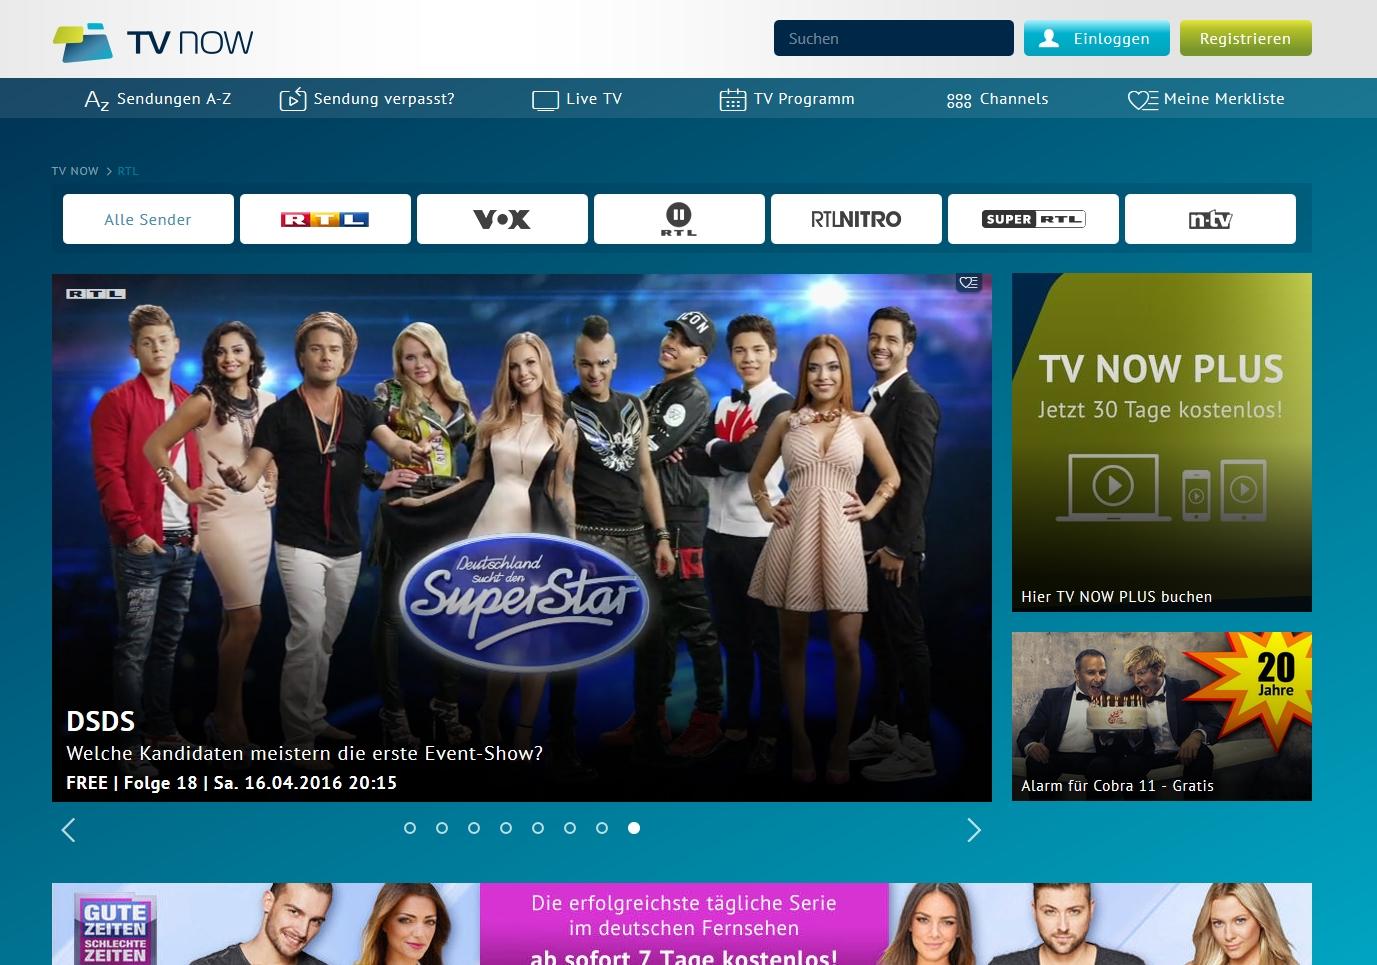 RTL Mediathek: Mit TV NOW alle RTL Serien bequem online ansehen